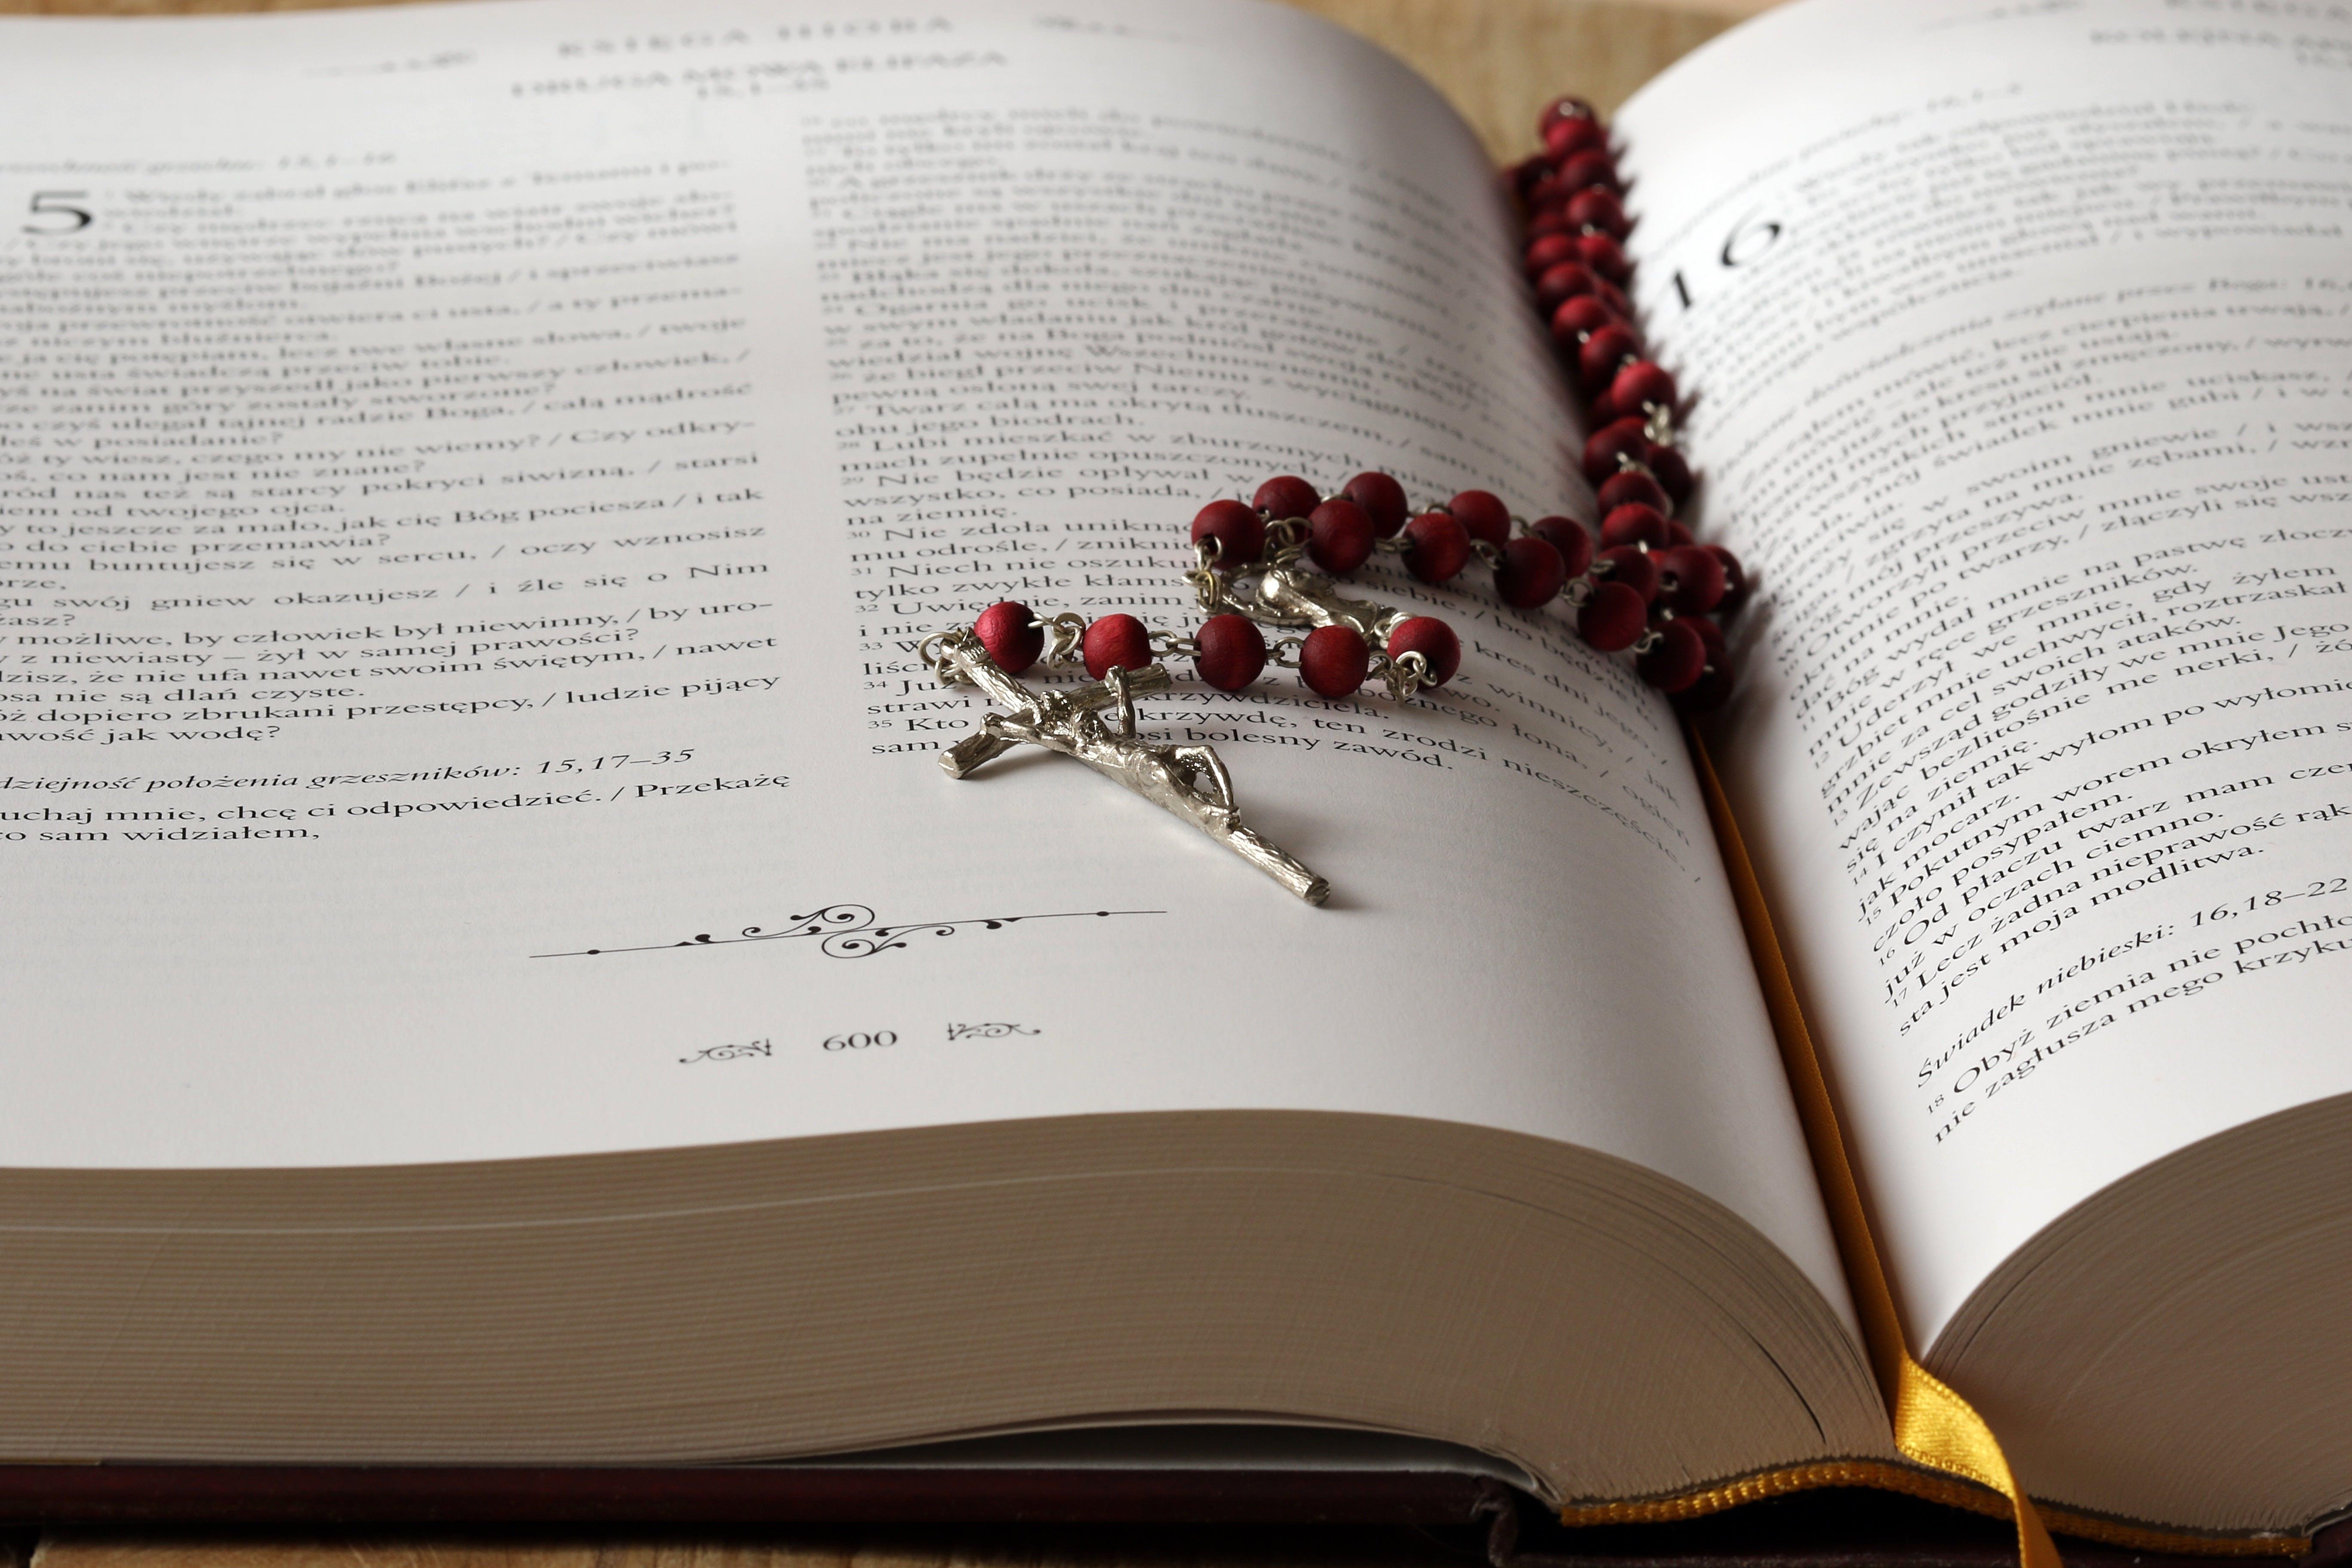 가톨릭, 거룩한, 공부하다, 교육의 무료 스톡 사진